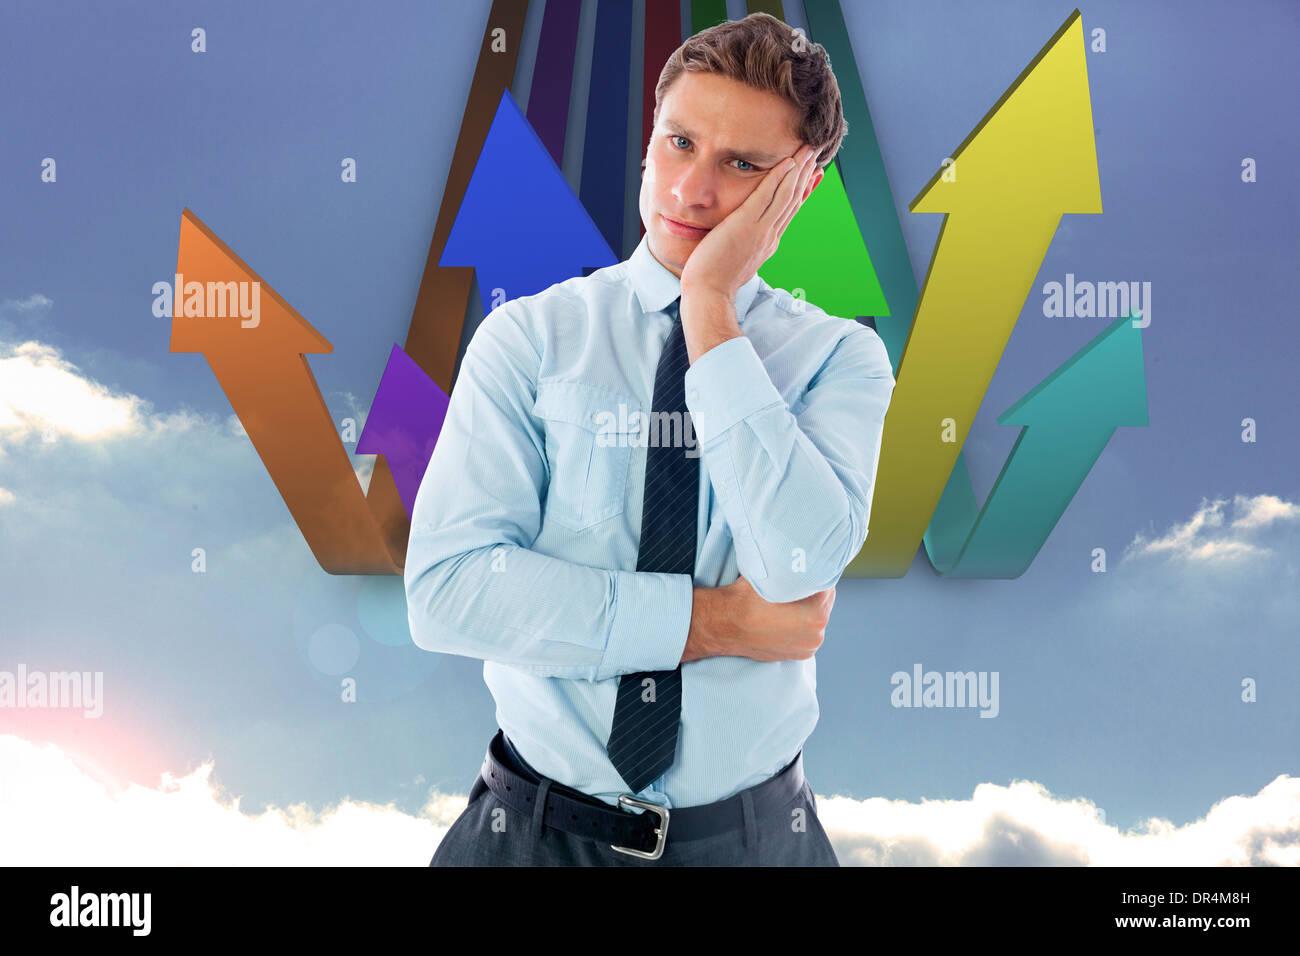 Composite image of upset thinking businessman - Stock Image